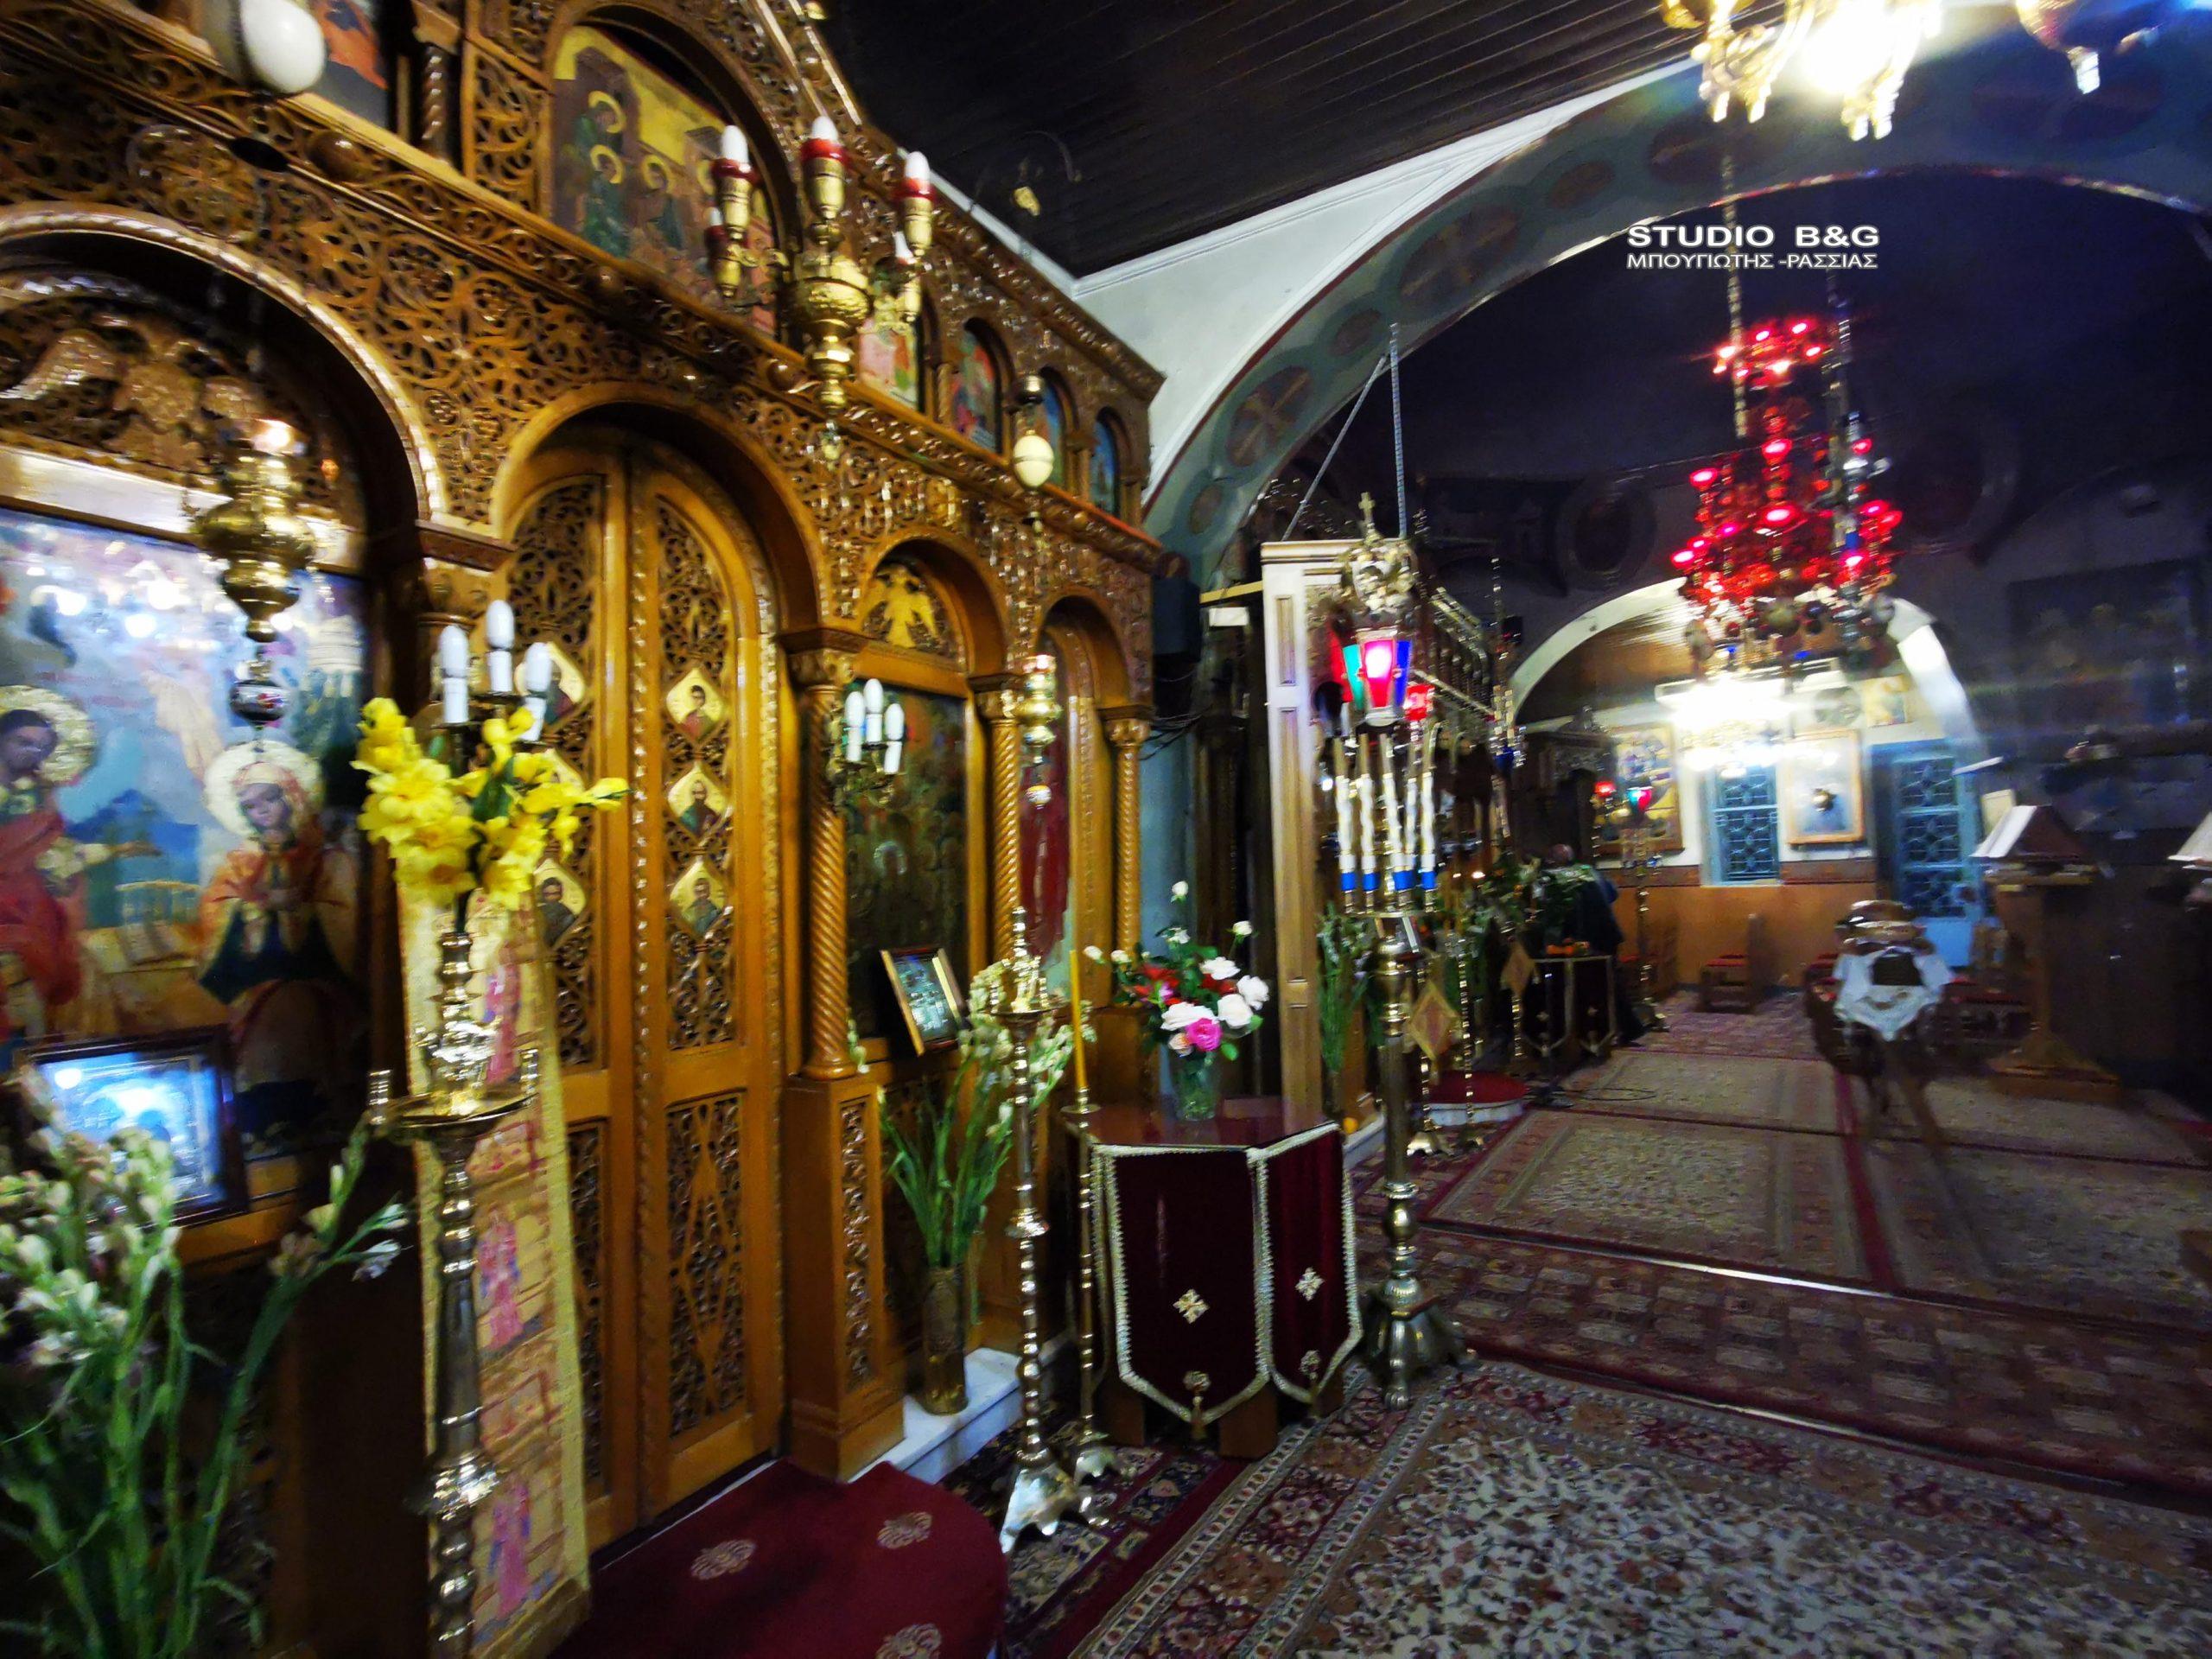 Εισόδια της Θεοτόκου στην εορτάζουσα Παναγία την Πορτοκαλούσα στο Άργος | orthodoxia.online | Εισόδια της Θεοτόκου | Άργος | ΕΚΚΛΗΣΙΑ | orthodoxia.online